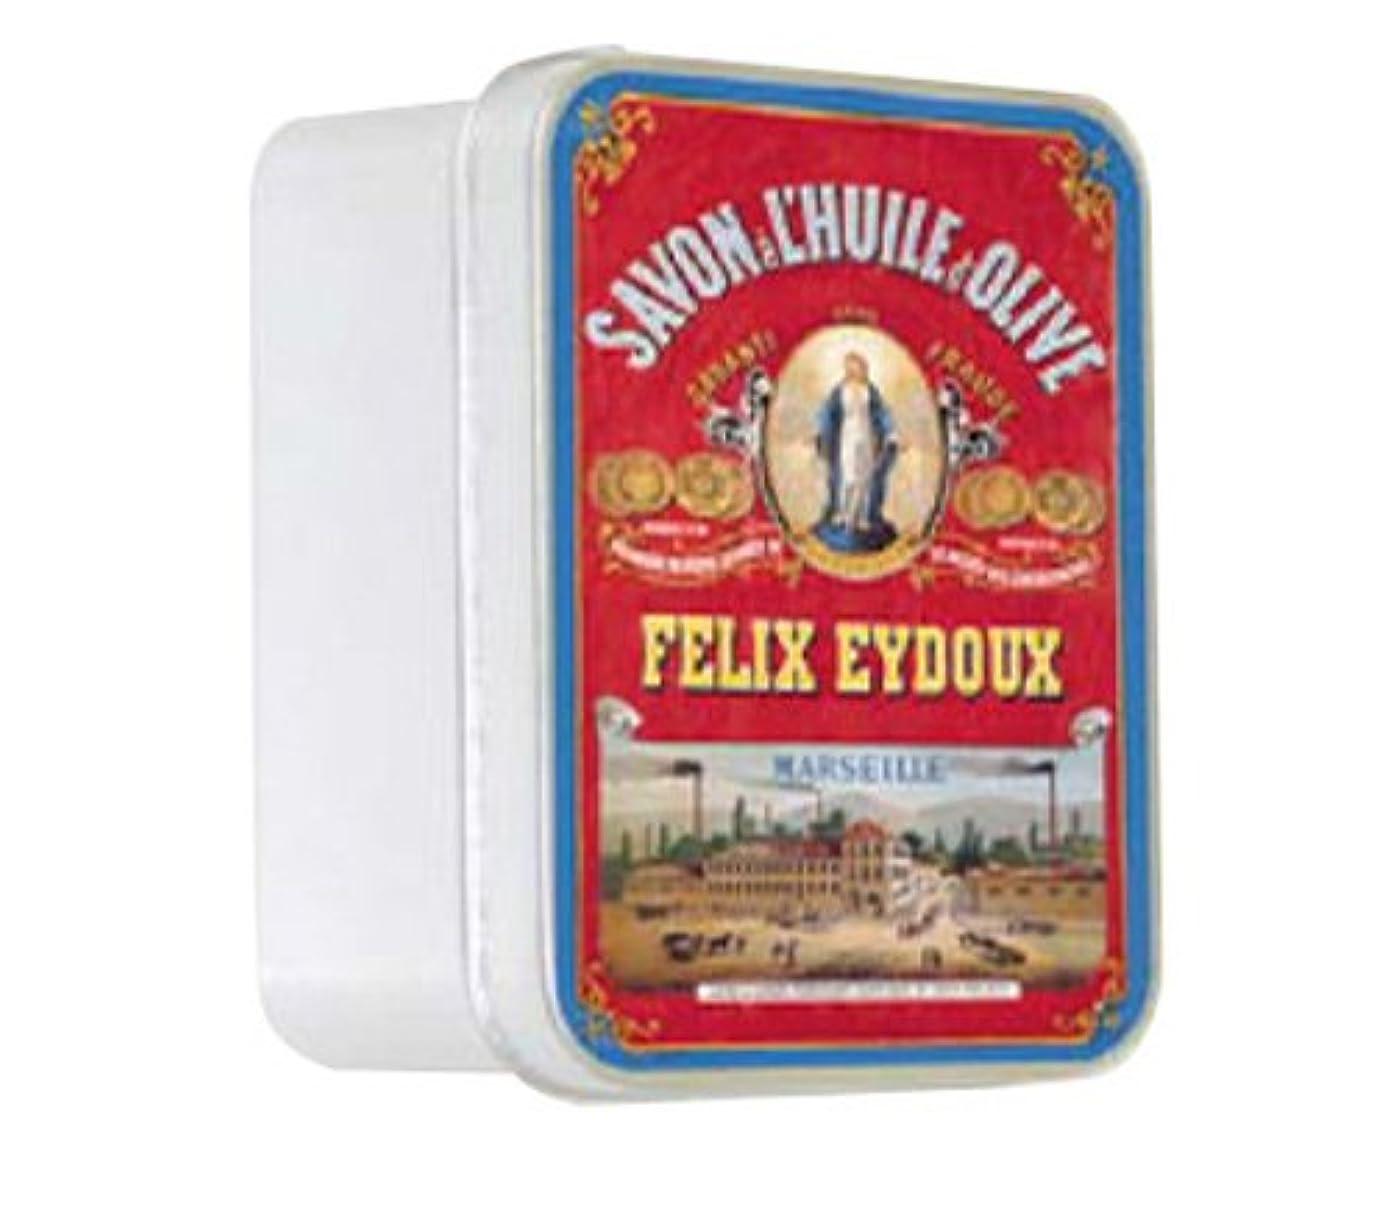 脅かす社説速記ルブランソープ メタルボックス(マルセイユソープ?オリーブの香り)石鹸